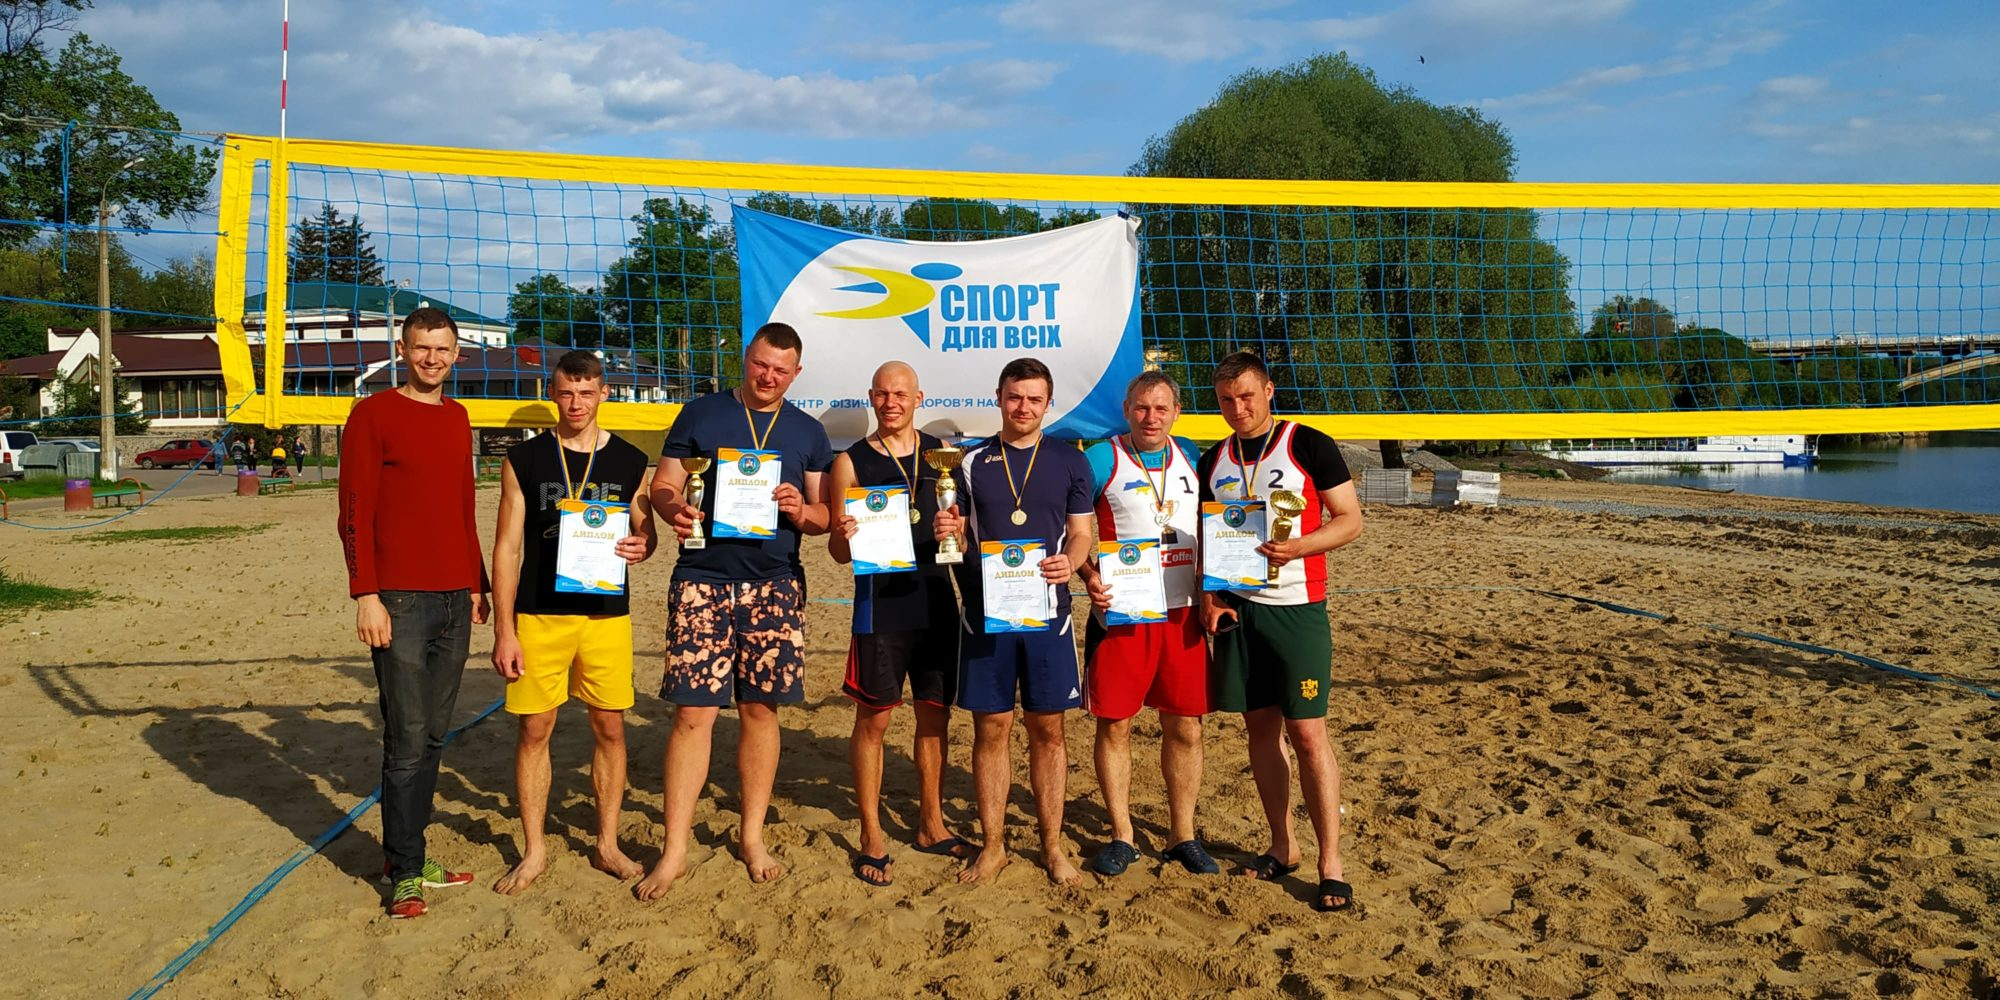 Сезон відкритий: у Білій Церкві відбувся обласний турнір з пляжного волейболу - пляжний волейбол, Змагання, Біла Церква - imgbig 3 2 2000x1000